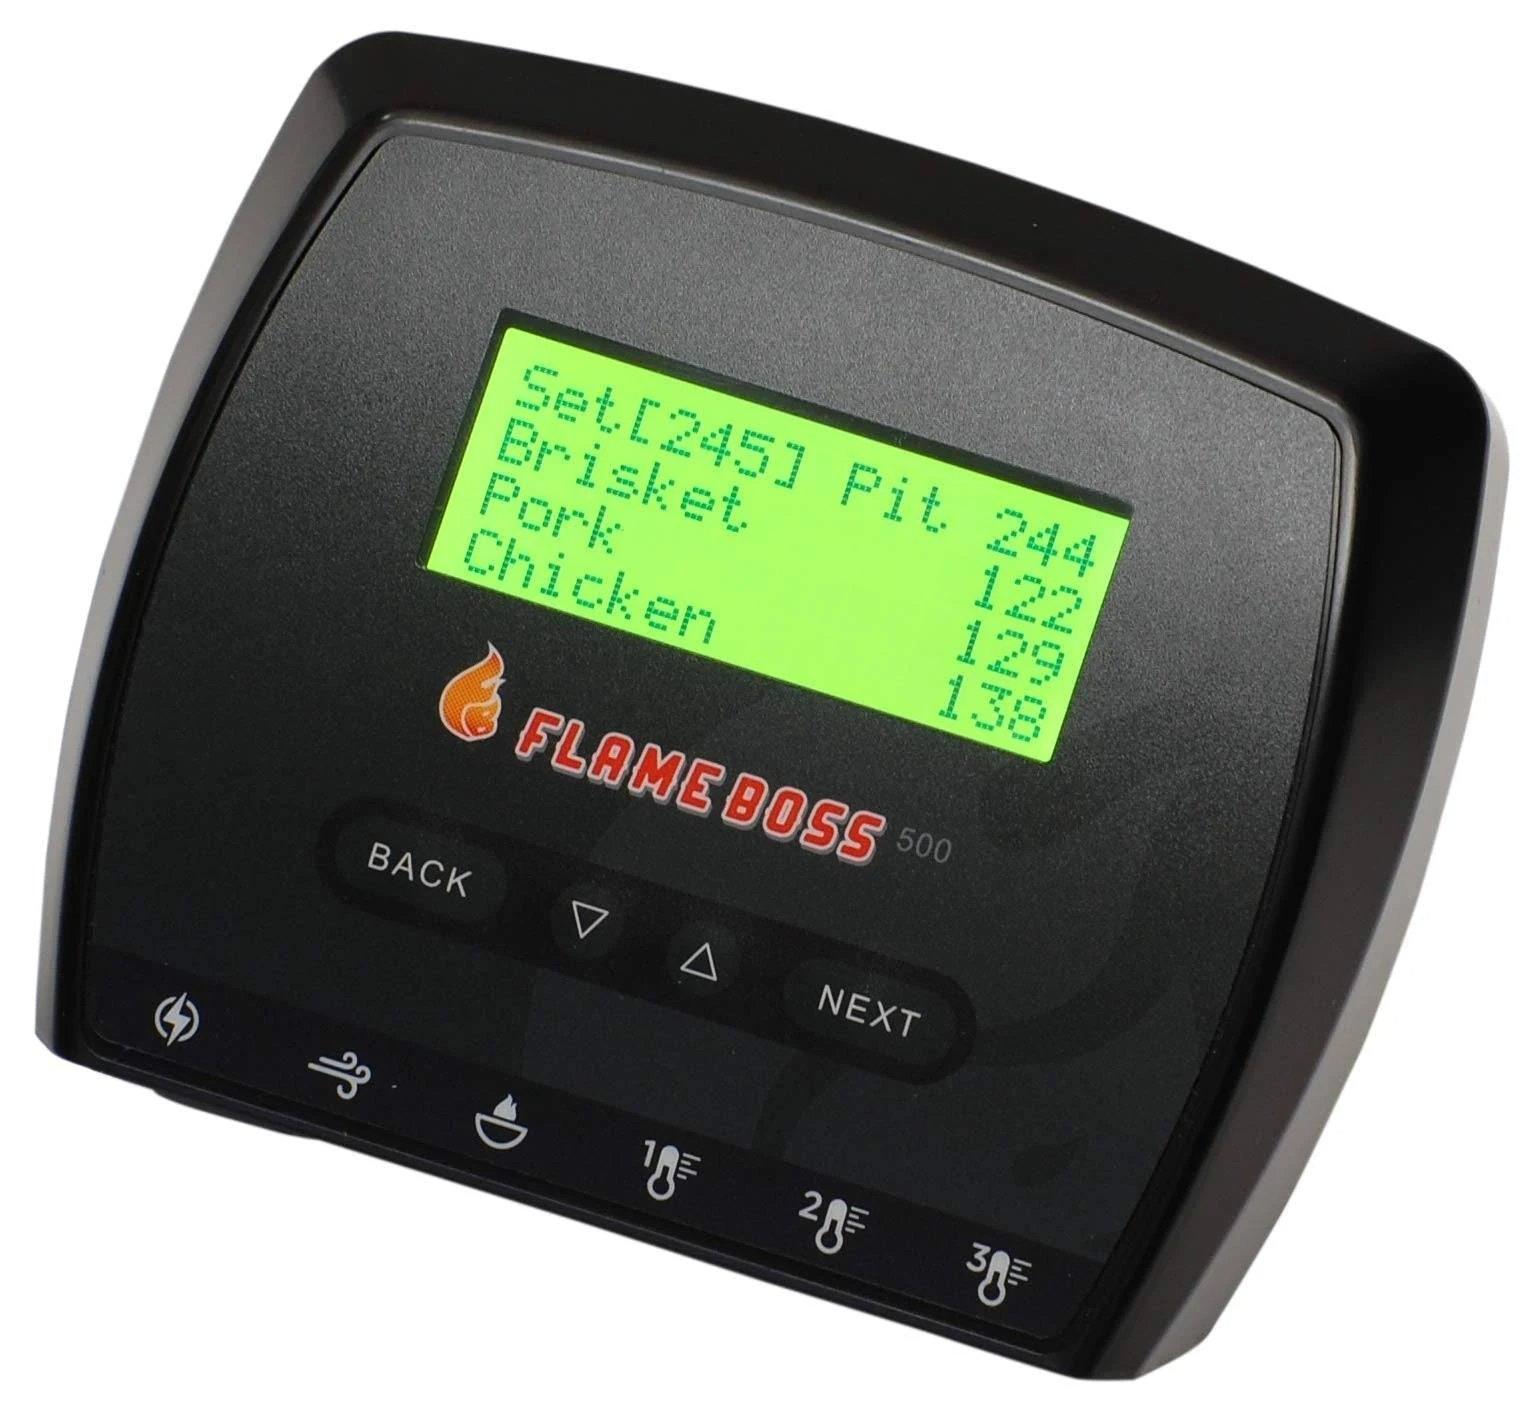 Flameboss 500 WiFi Smoker Controller